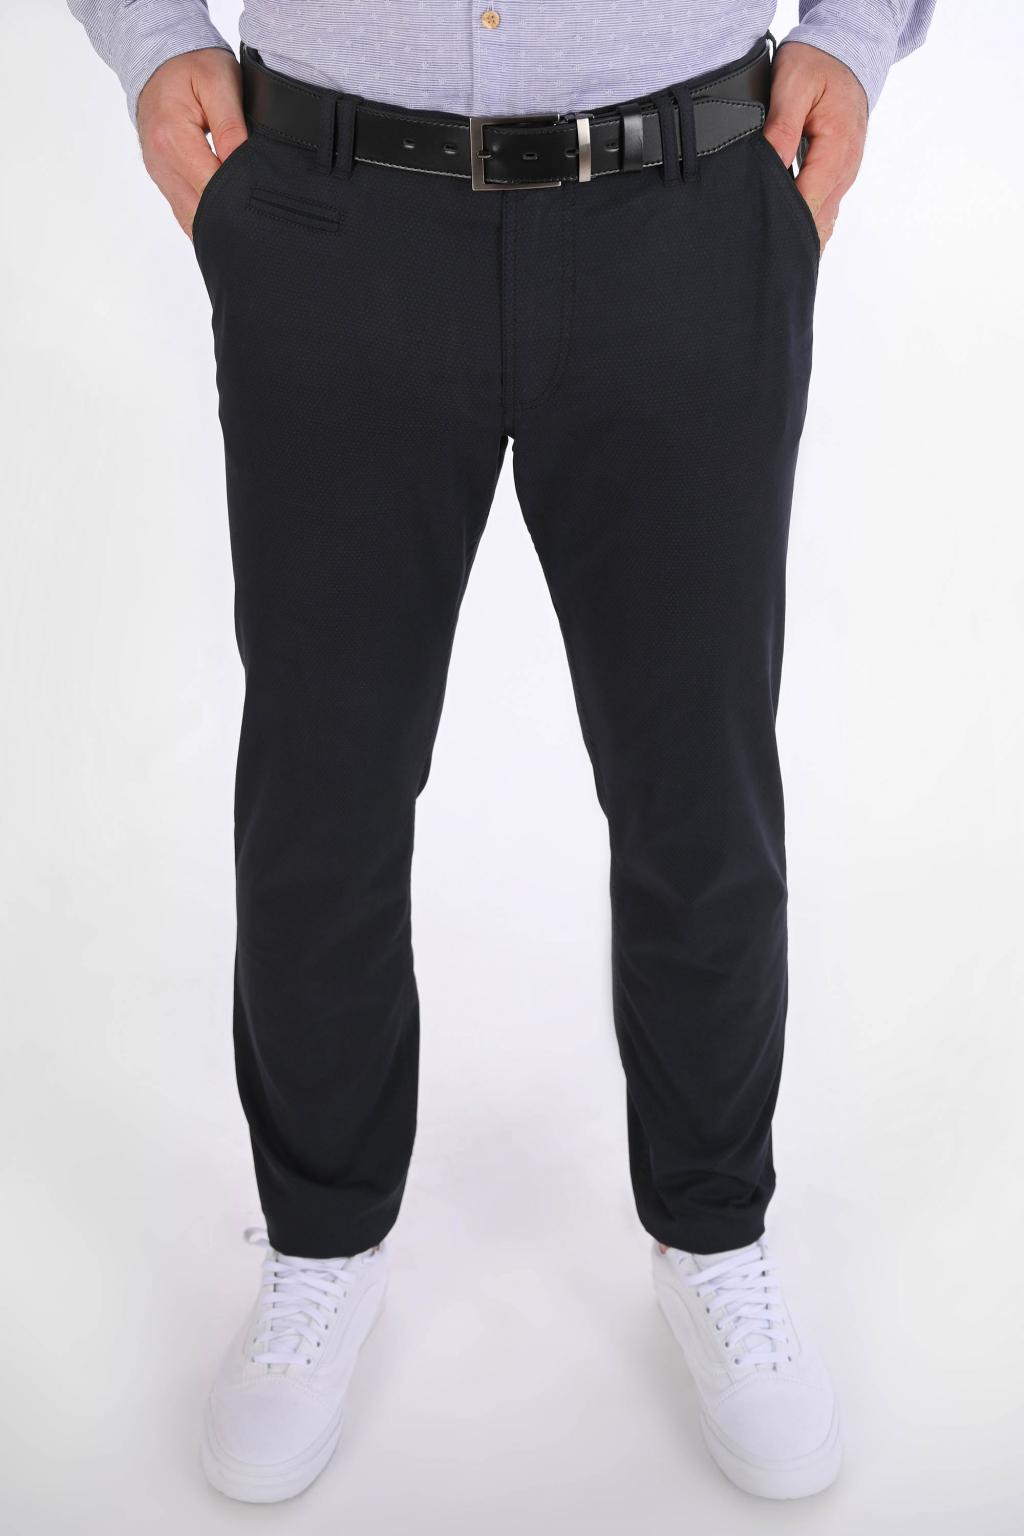 Sivo-čierne nohavice Chinos  ULTRA SLIM strih, bavlna stretch